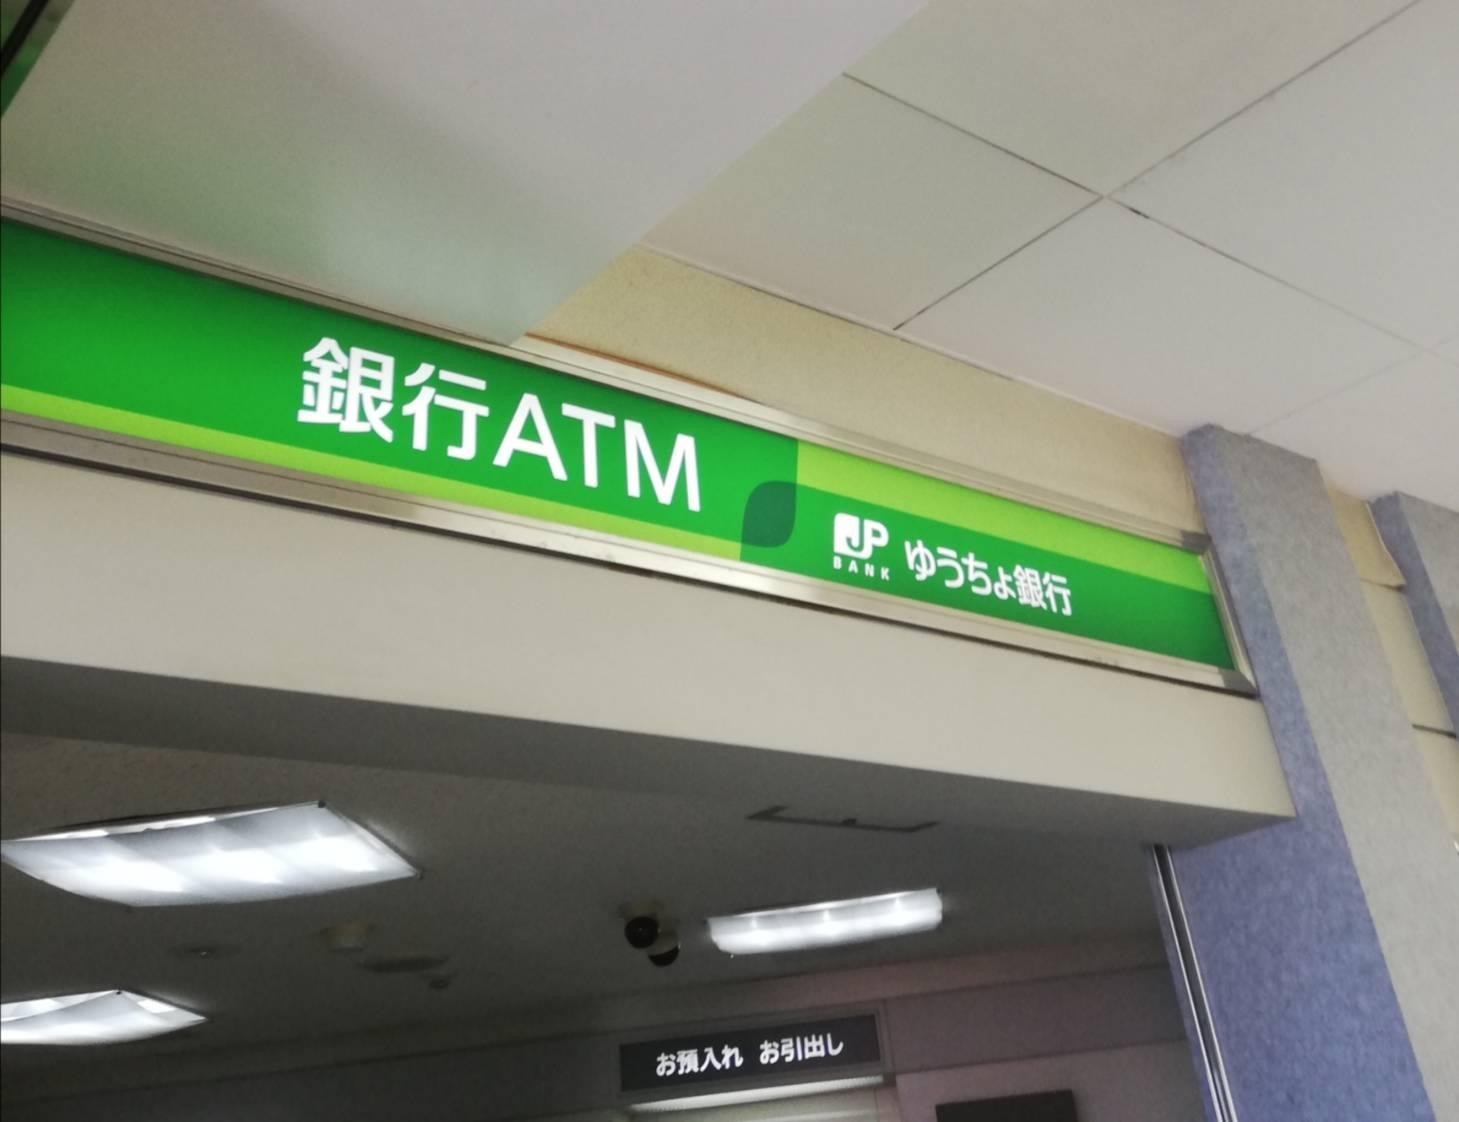 ゆうちょATM元山駅閉店近くのATM